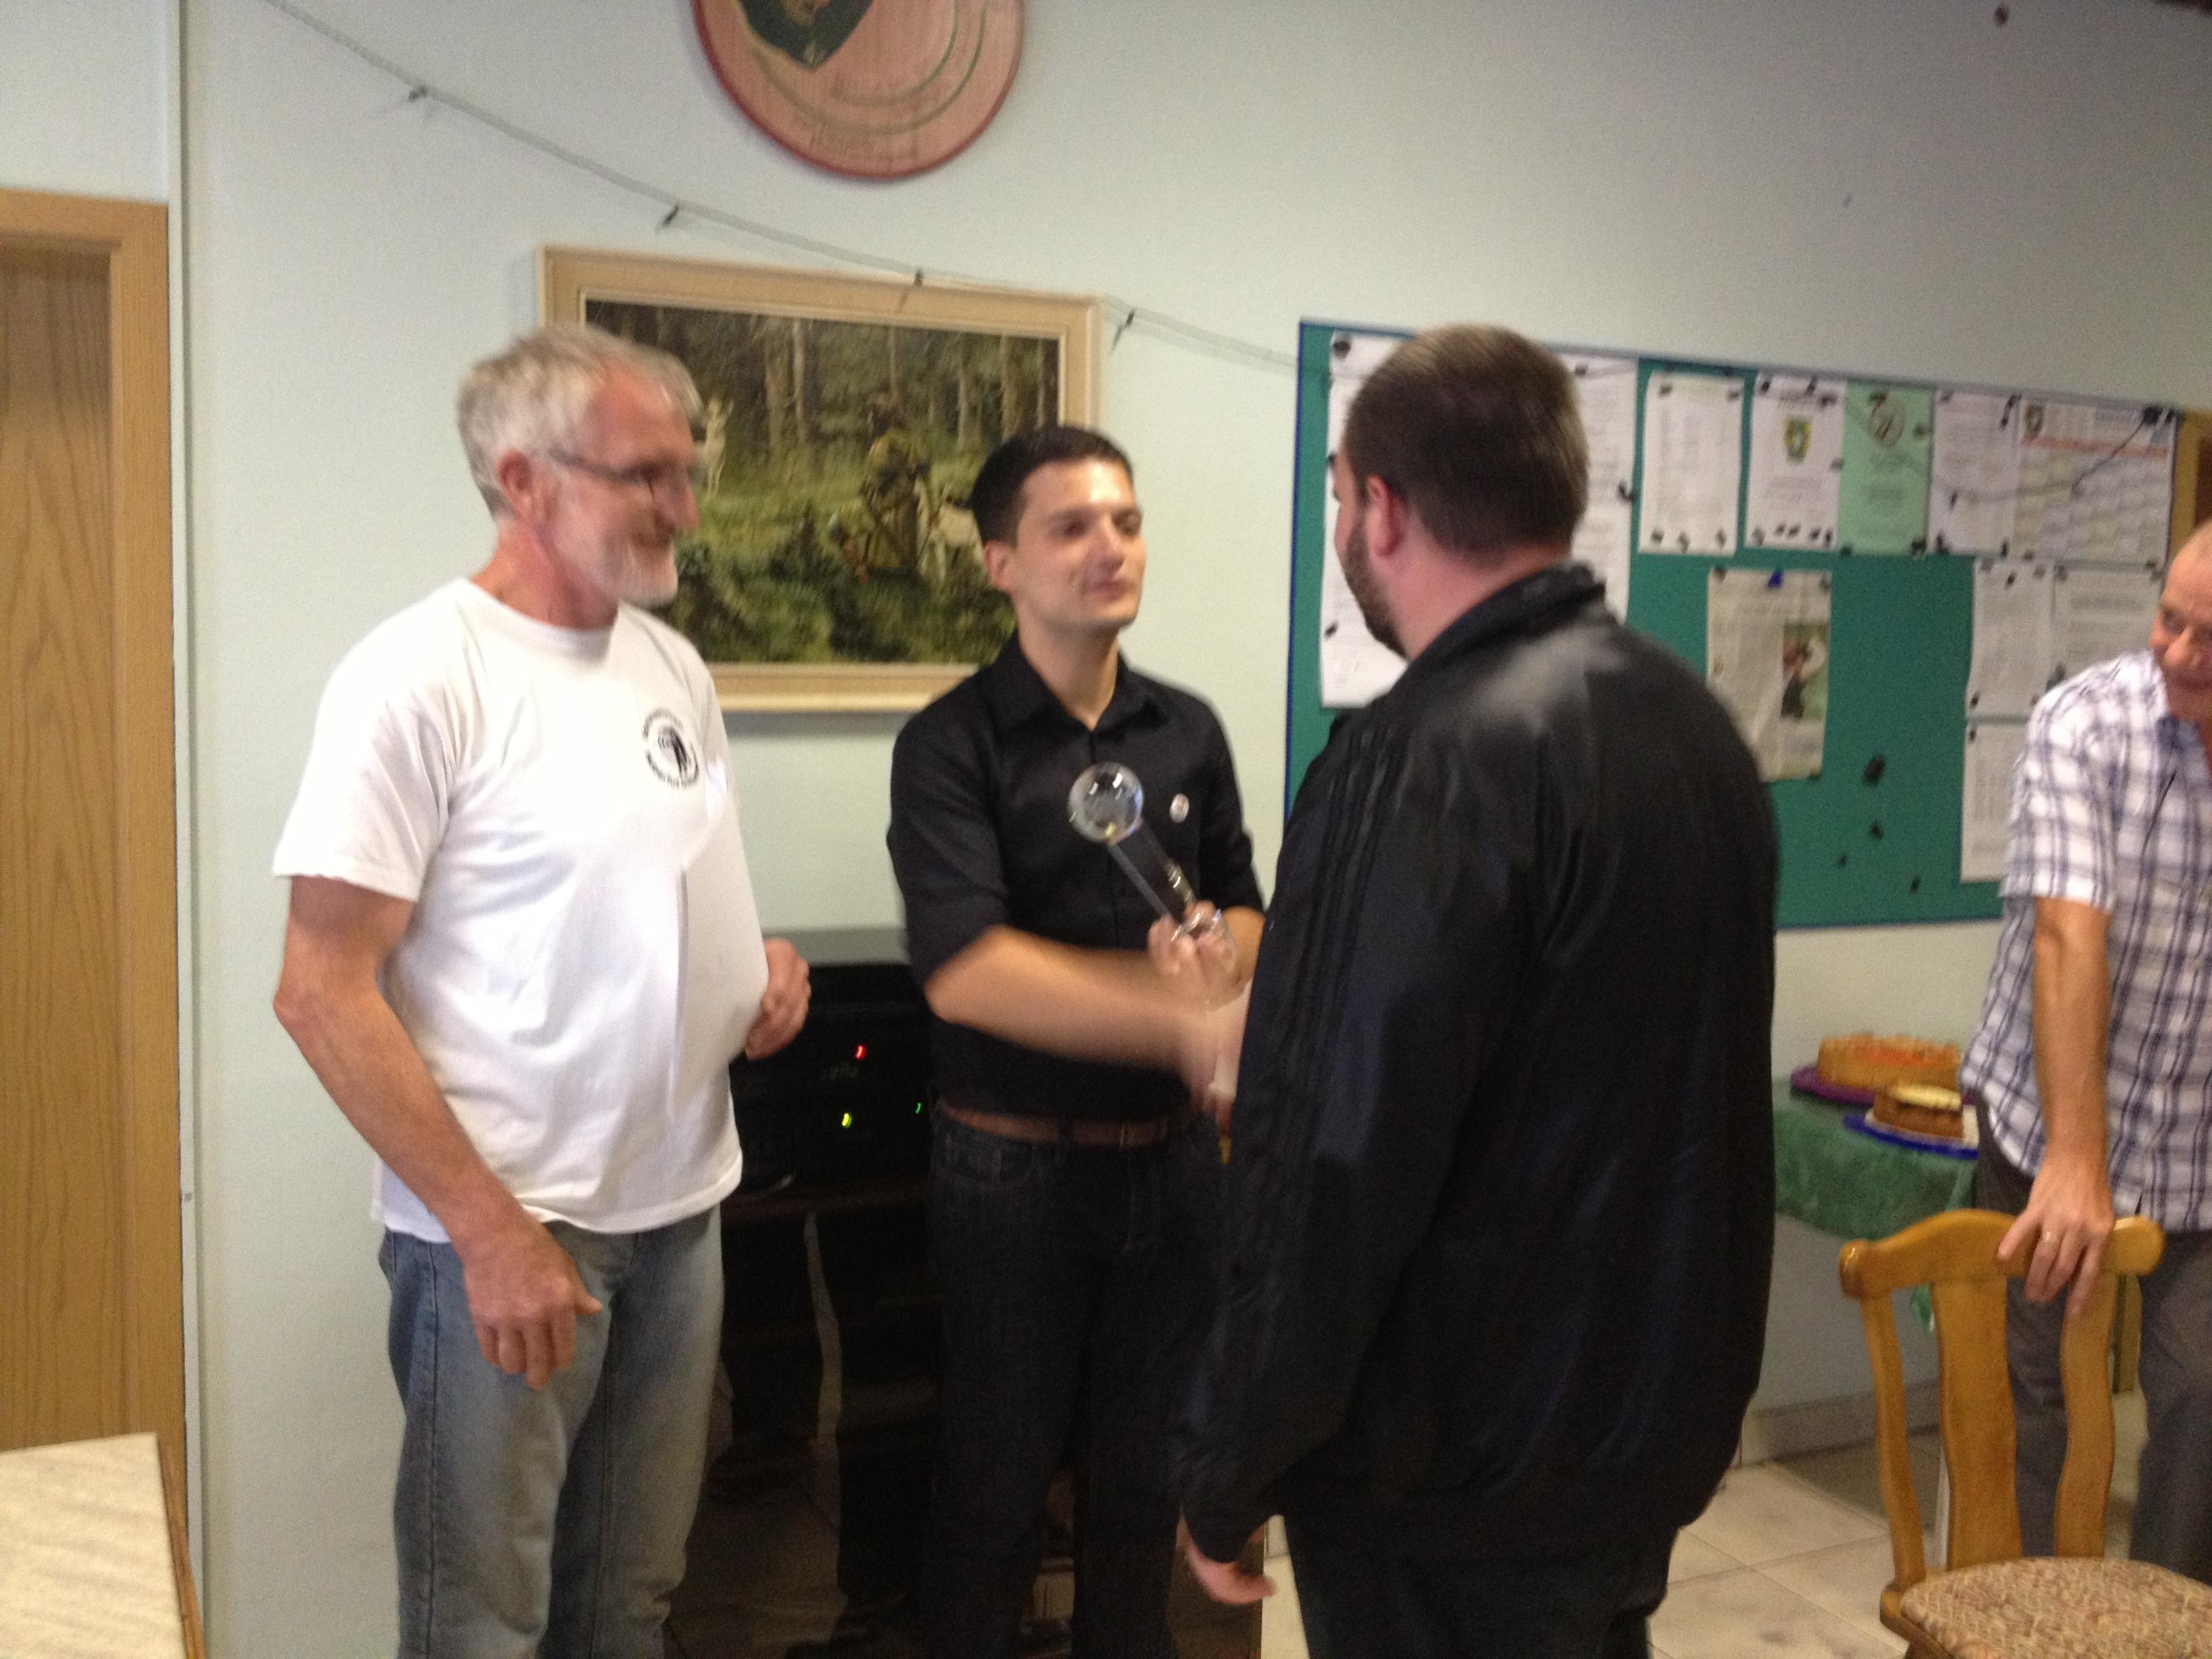 Sebastian Greiber besucht den Schützenverein Hubertus Differten beim Ortspokalschießen und übergibt den Ortspokal an den Kaninchenzuchtverein Differten.